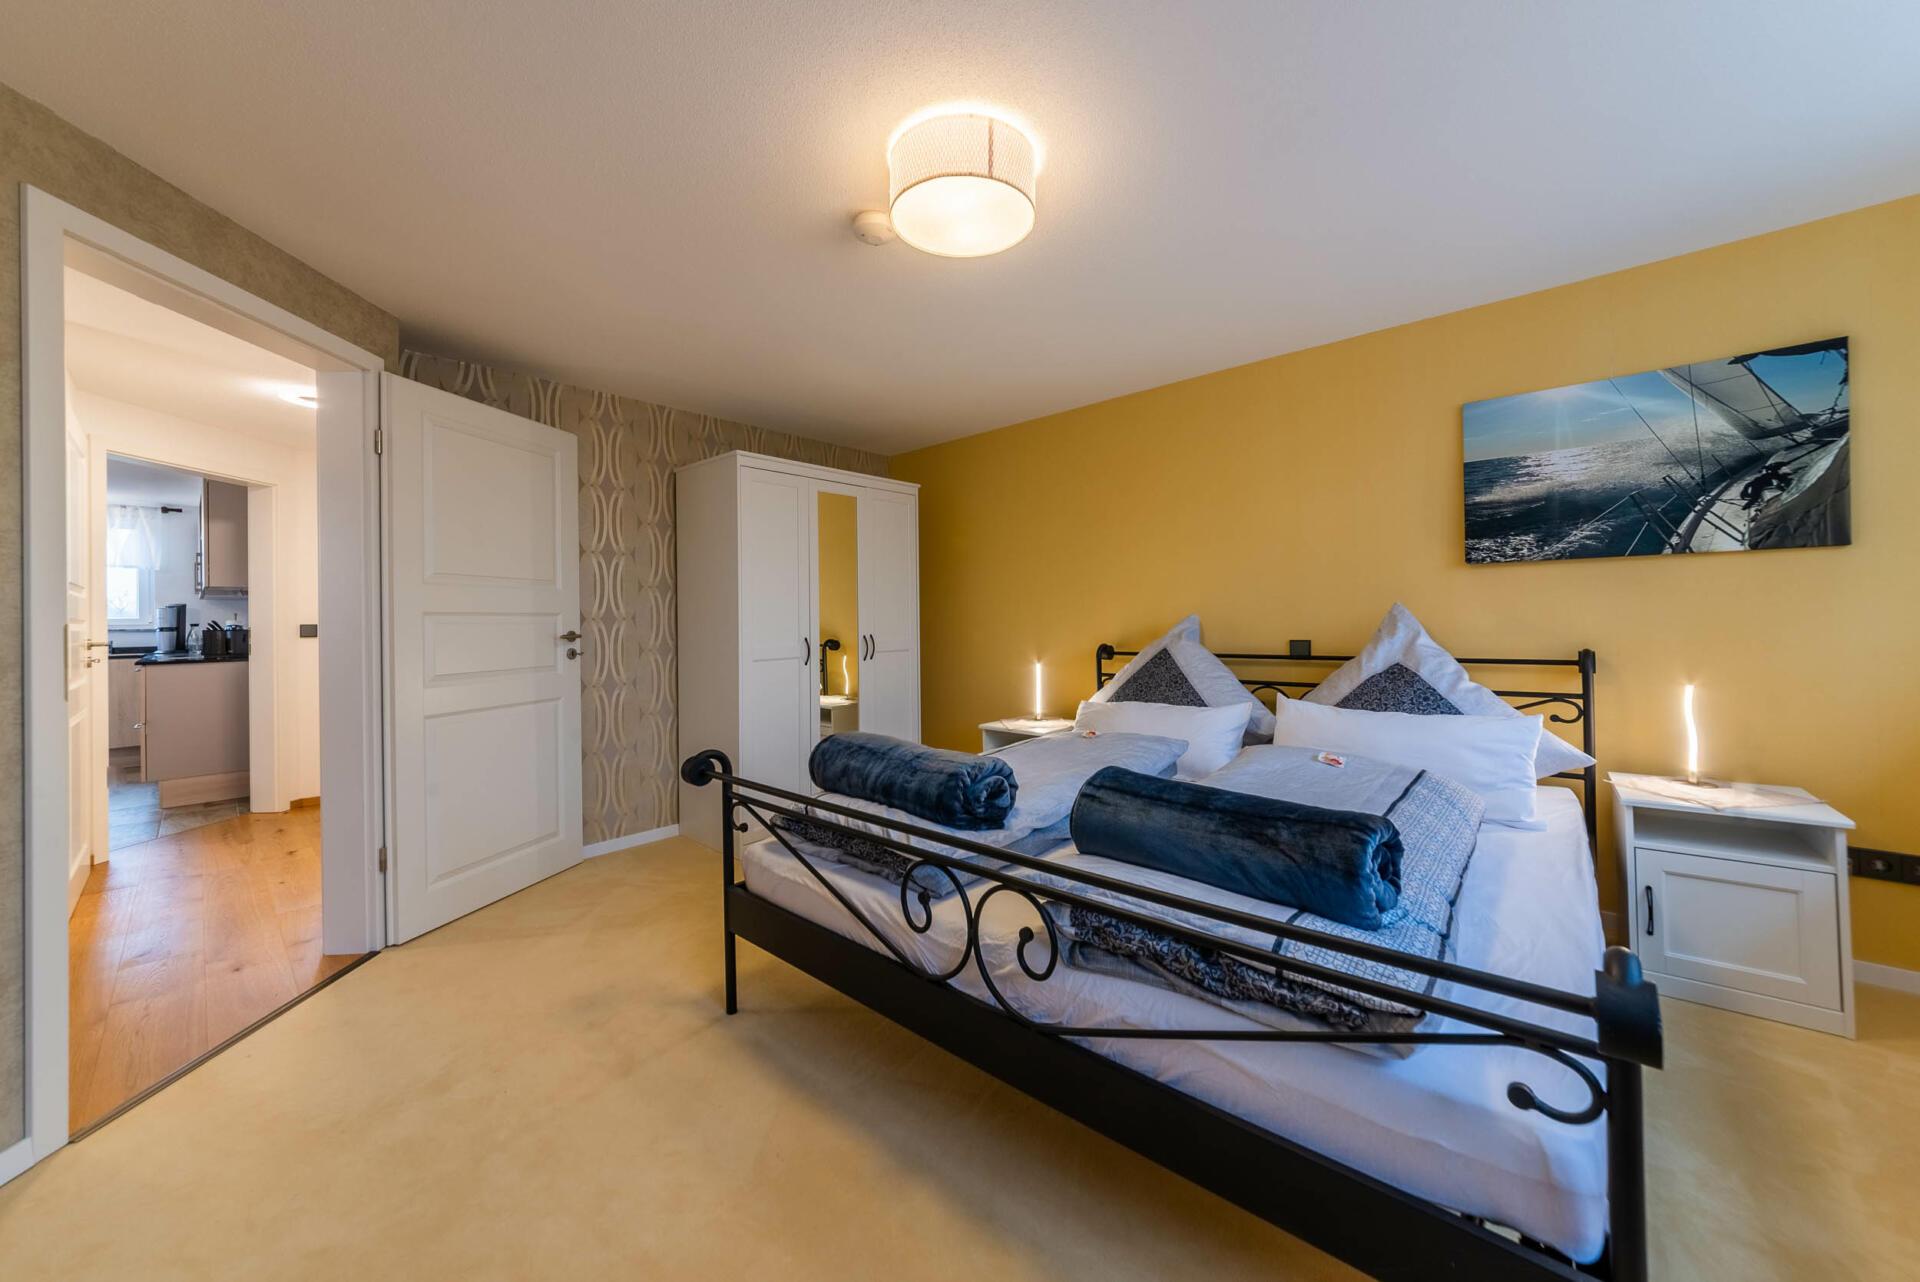 Ferienwohnung ReiseLUST: Schlafzimmer